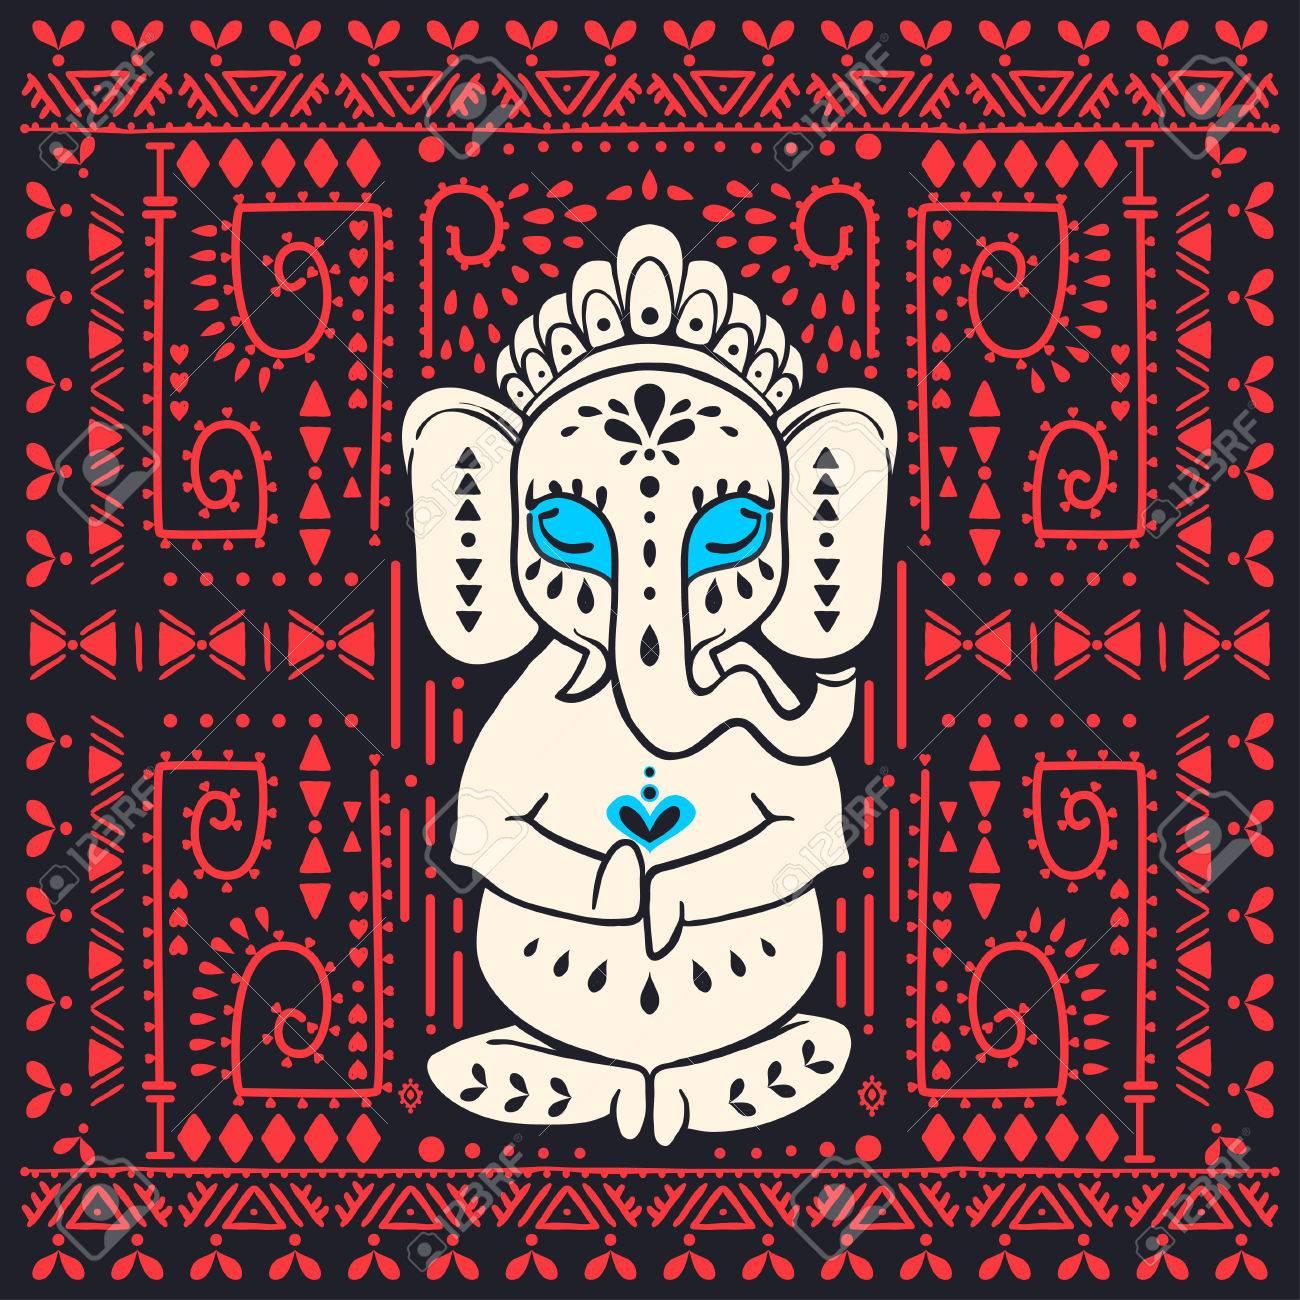 Tarjeta Con El Dios Elefante Ganesha Hindú. Fondo Del Ornamento ...